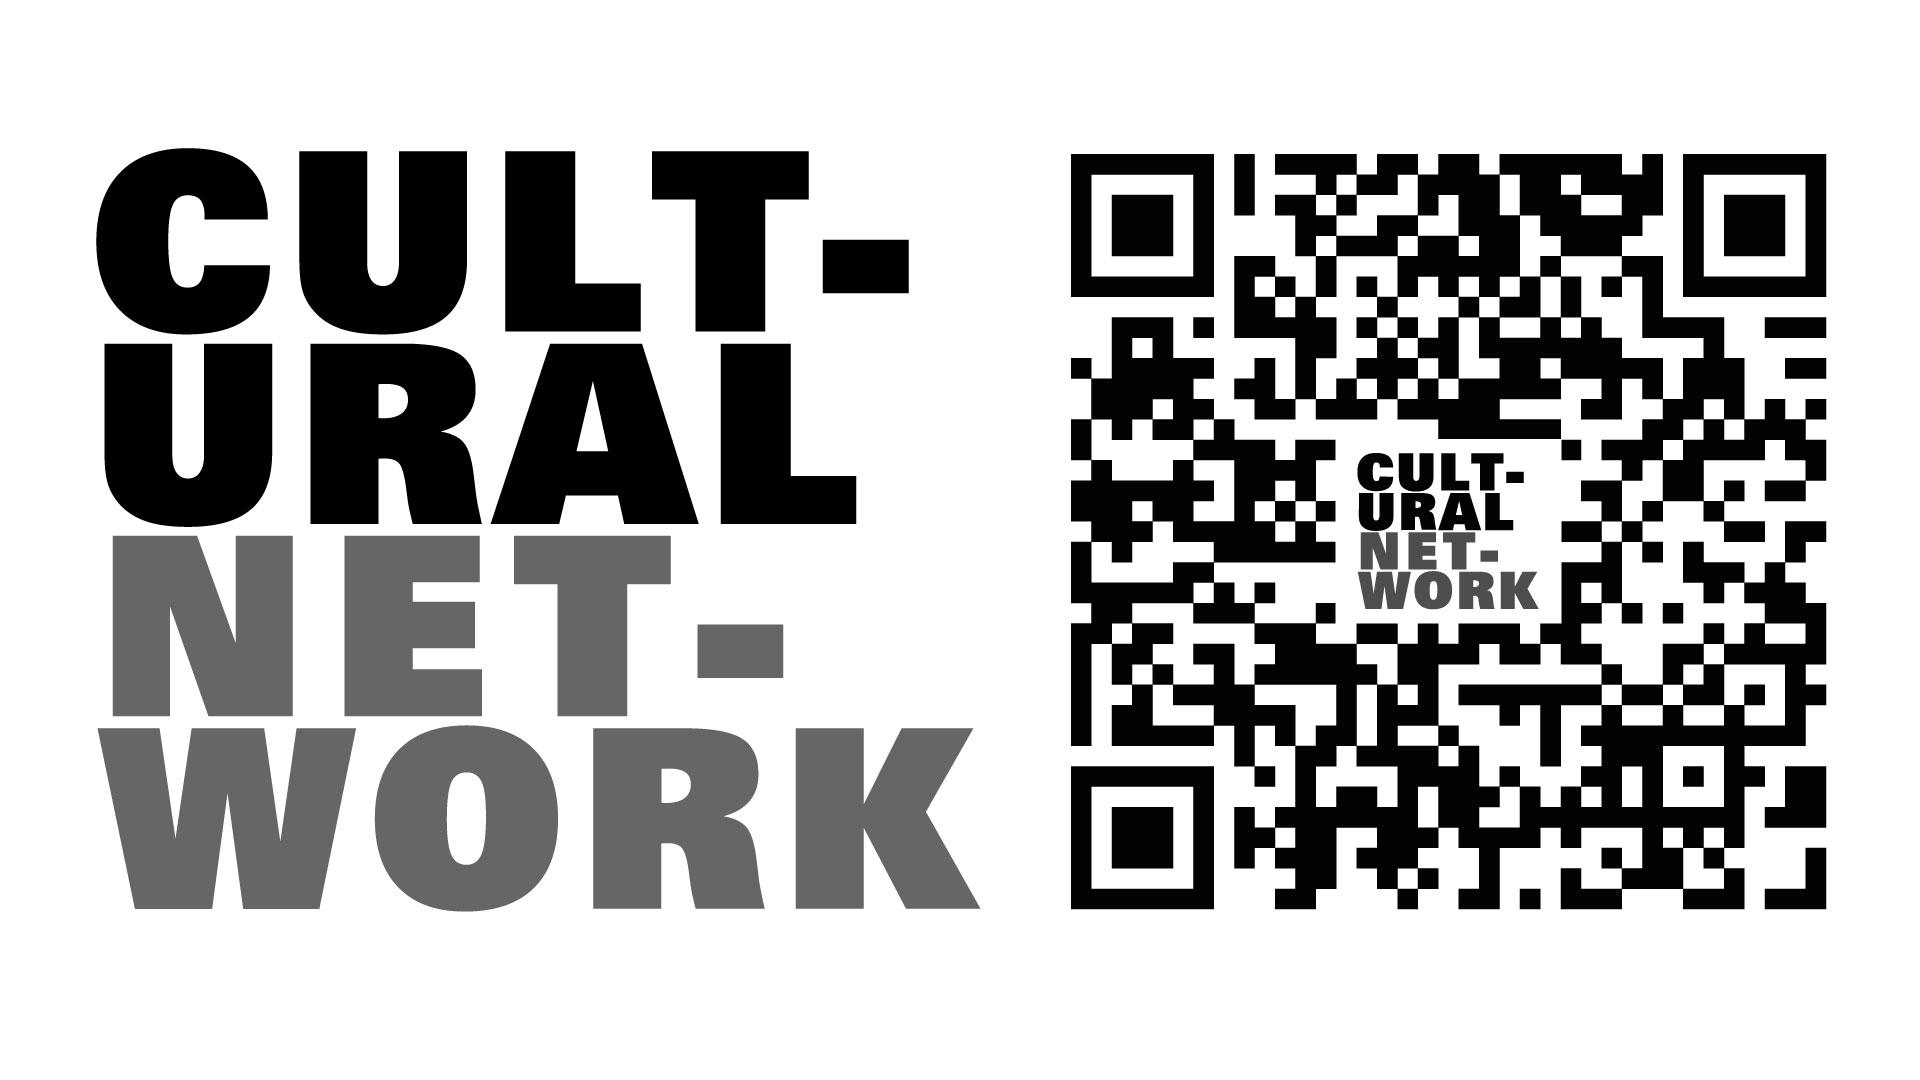 Cultural Network